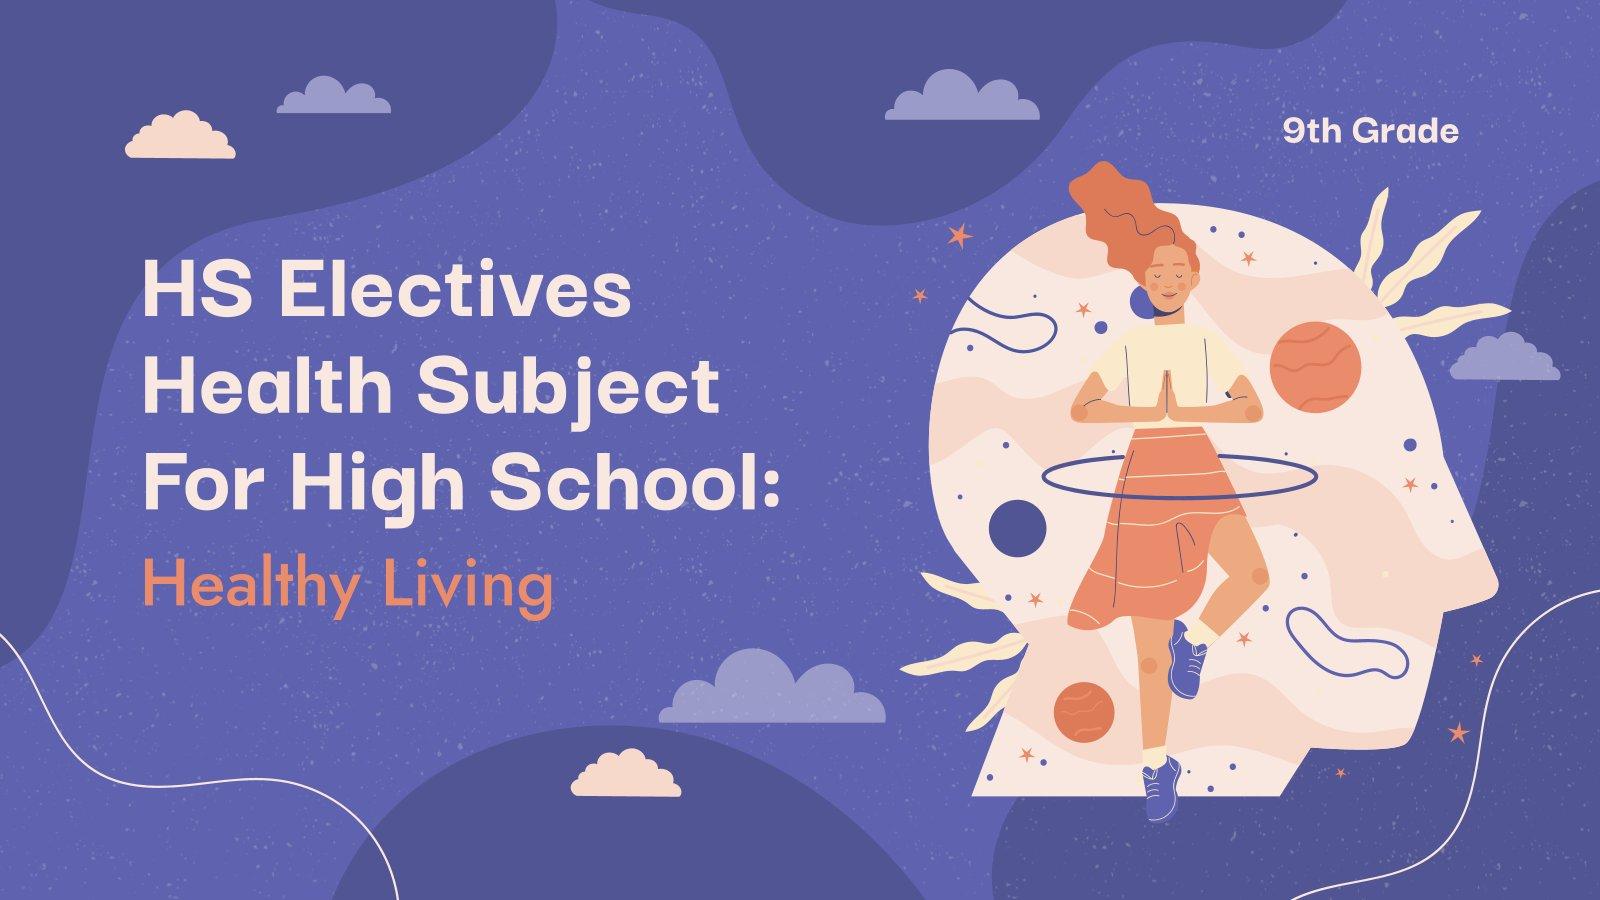 Matière facultative pour le lycée : Mode de vie sain : Modèles de présentation